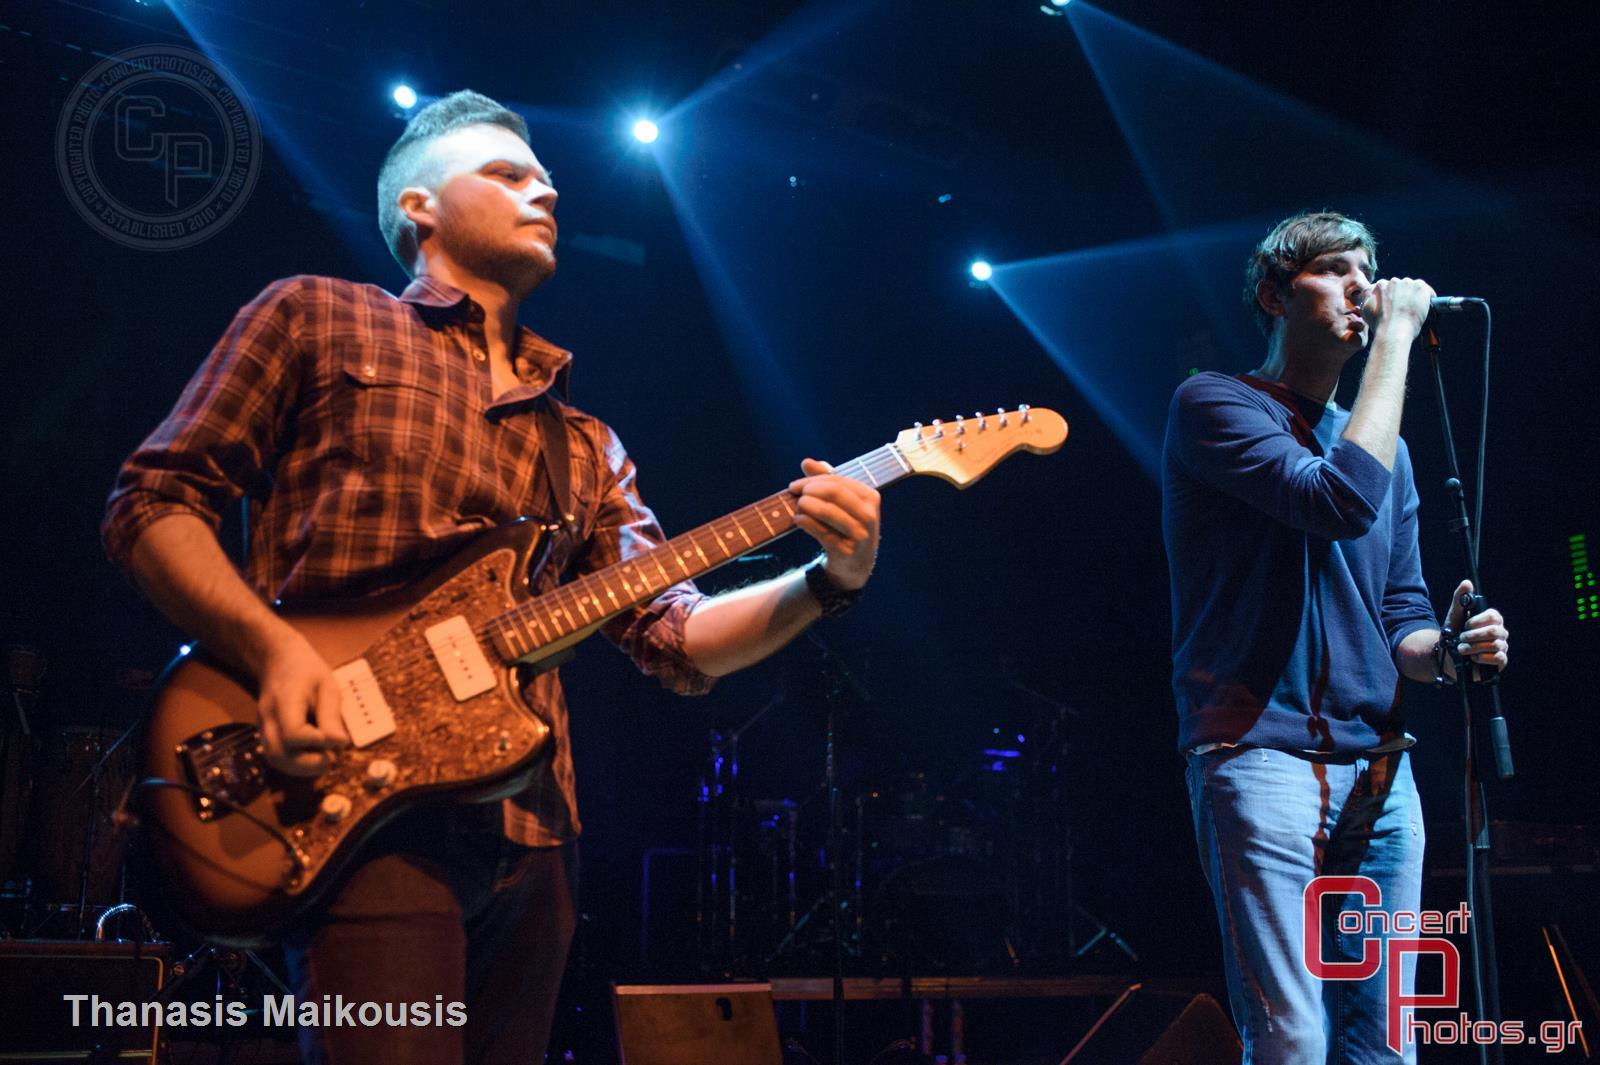 Sebastien Telier & Liebe-Sebastien Telier Liebe photographer: Thanasis Maikousis - concertphotos_20141107_22_33_33